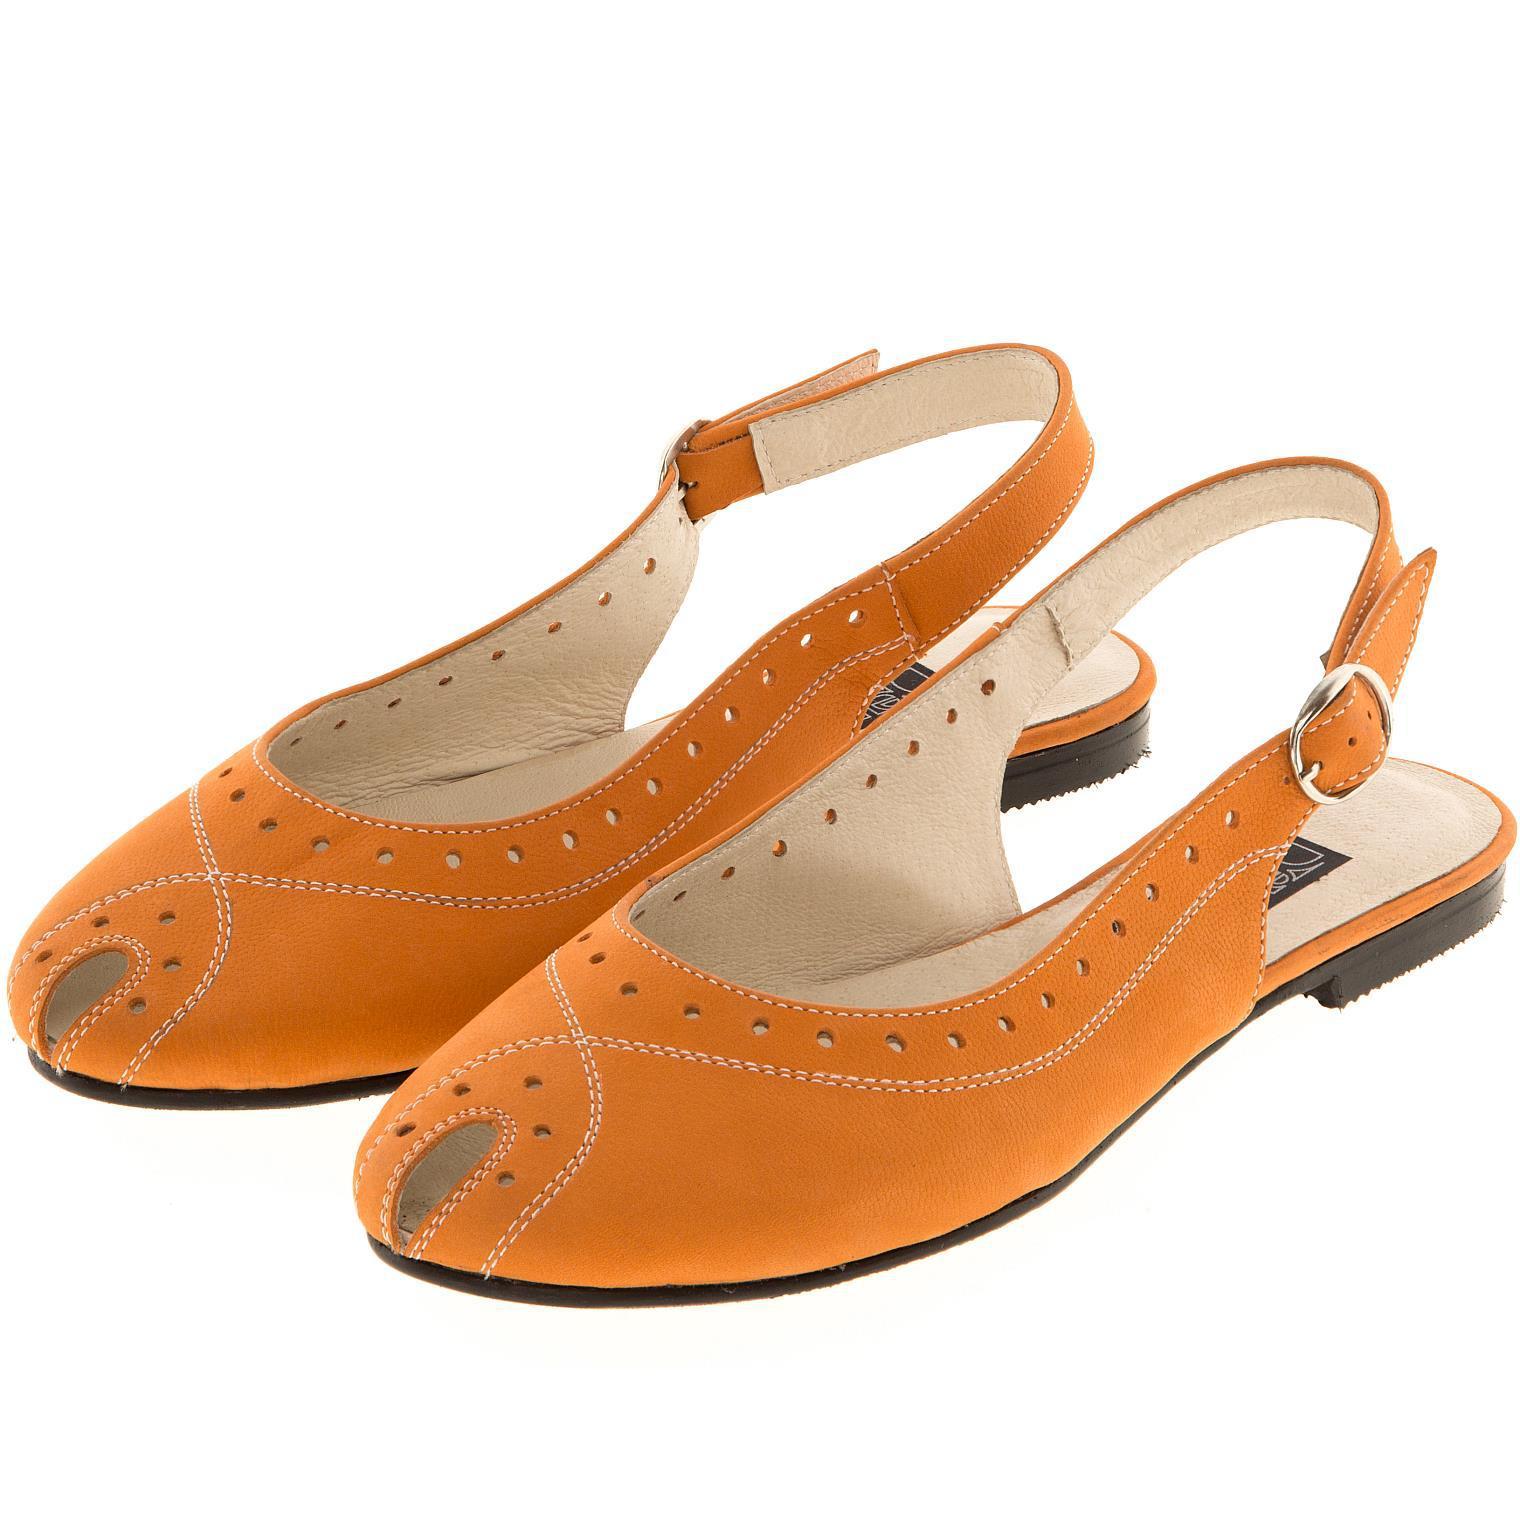 631198 туфли летние женские оранж больших размеров марки Делфино